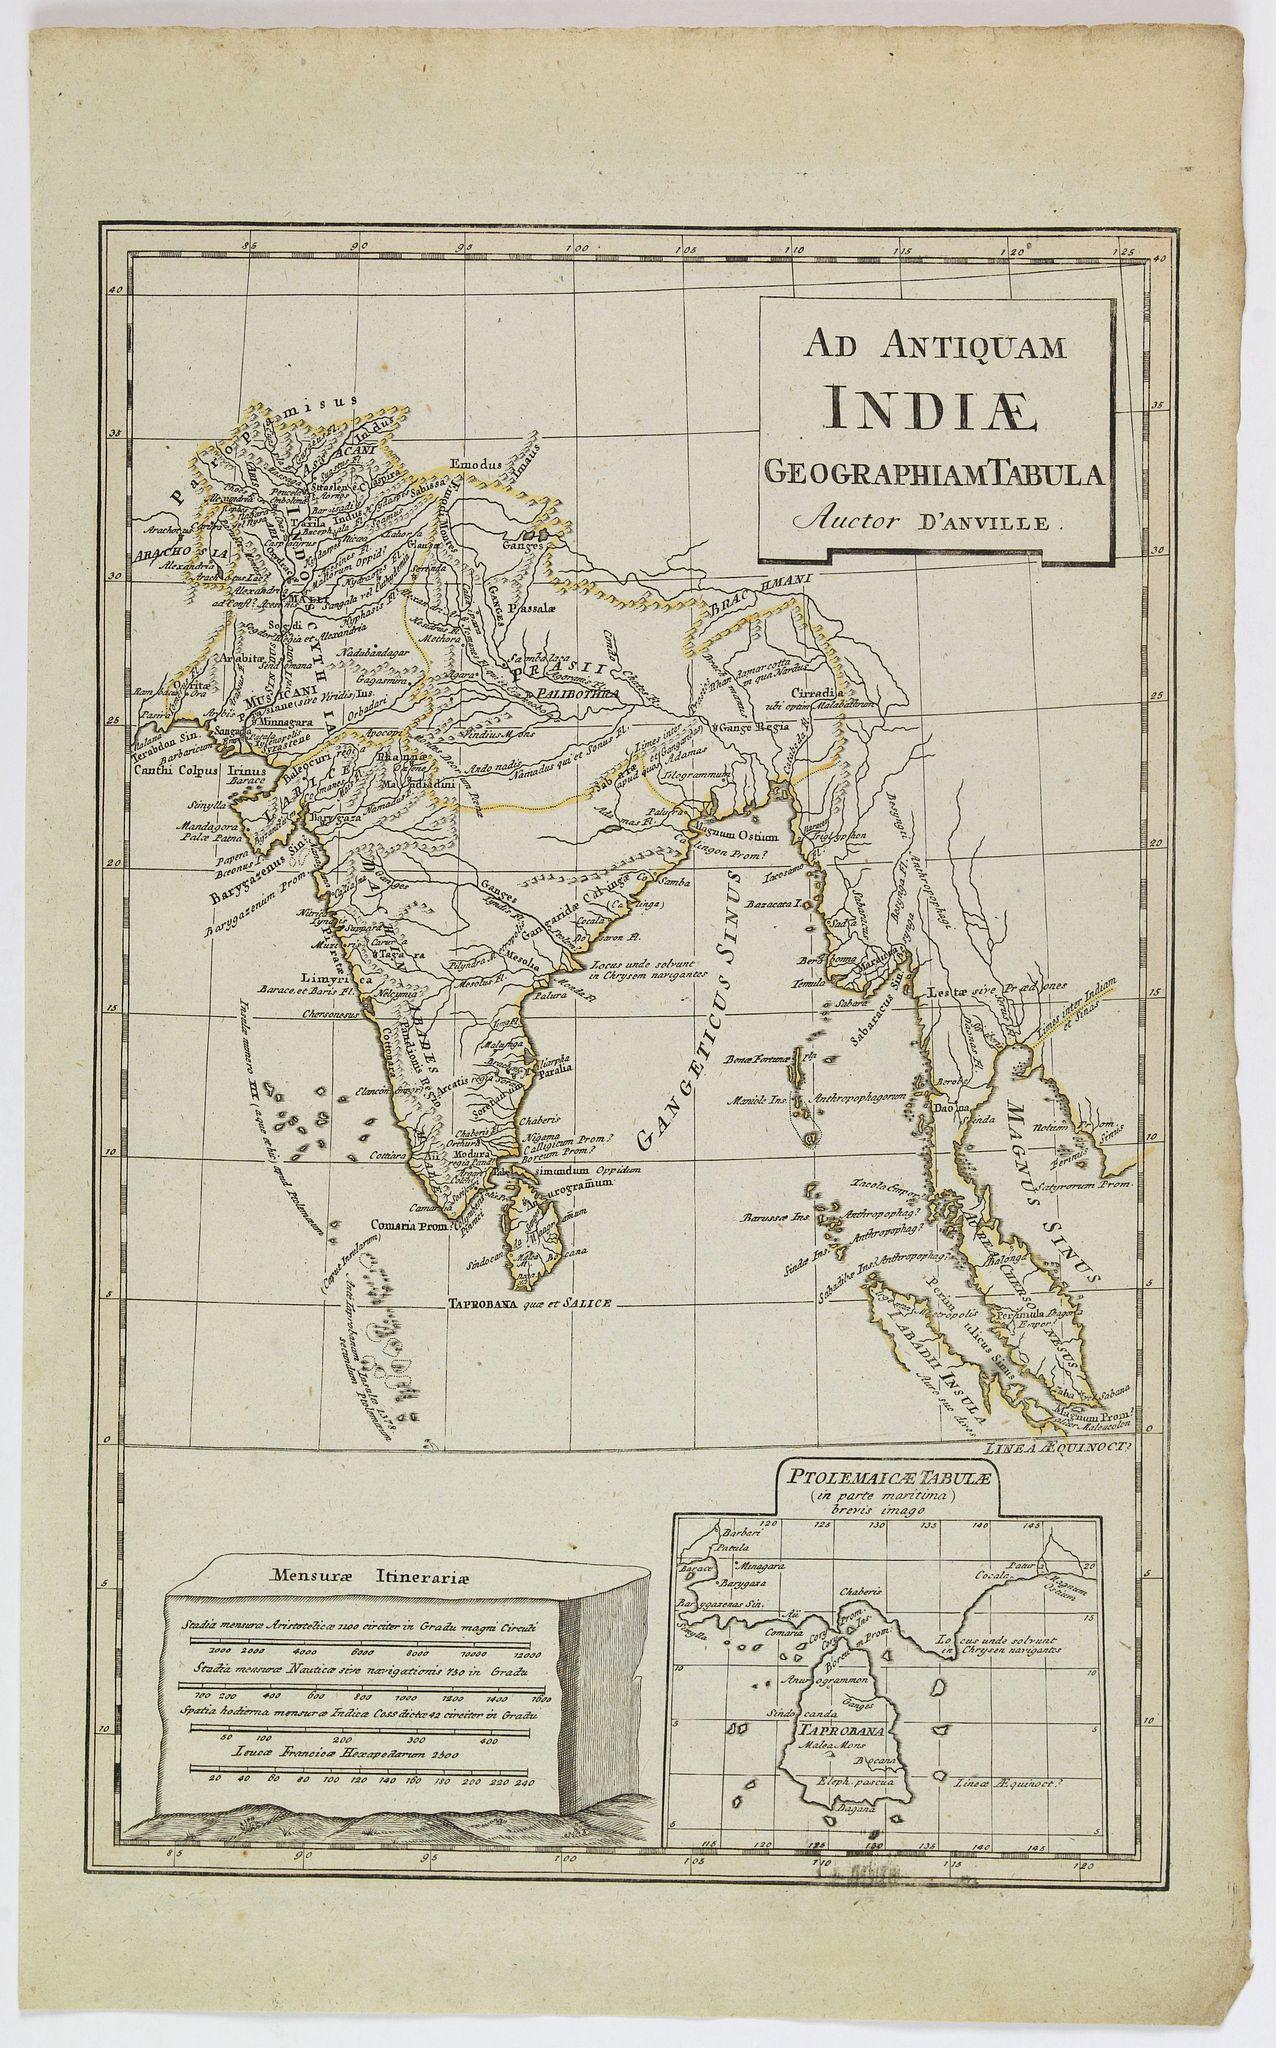 D'ANVILLE. - Ad Antiquam Indiae Geographiam Tabula.